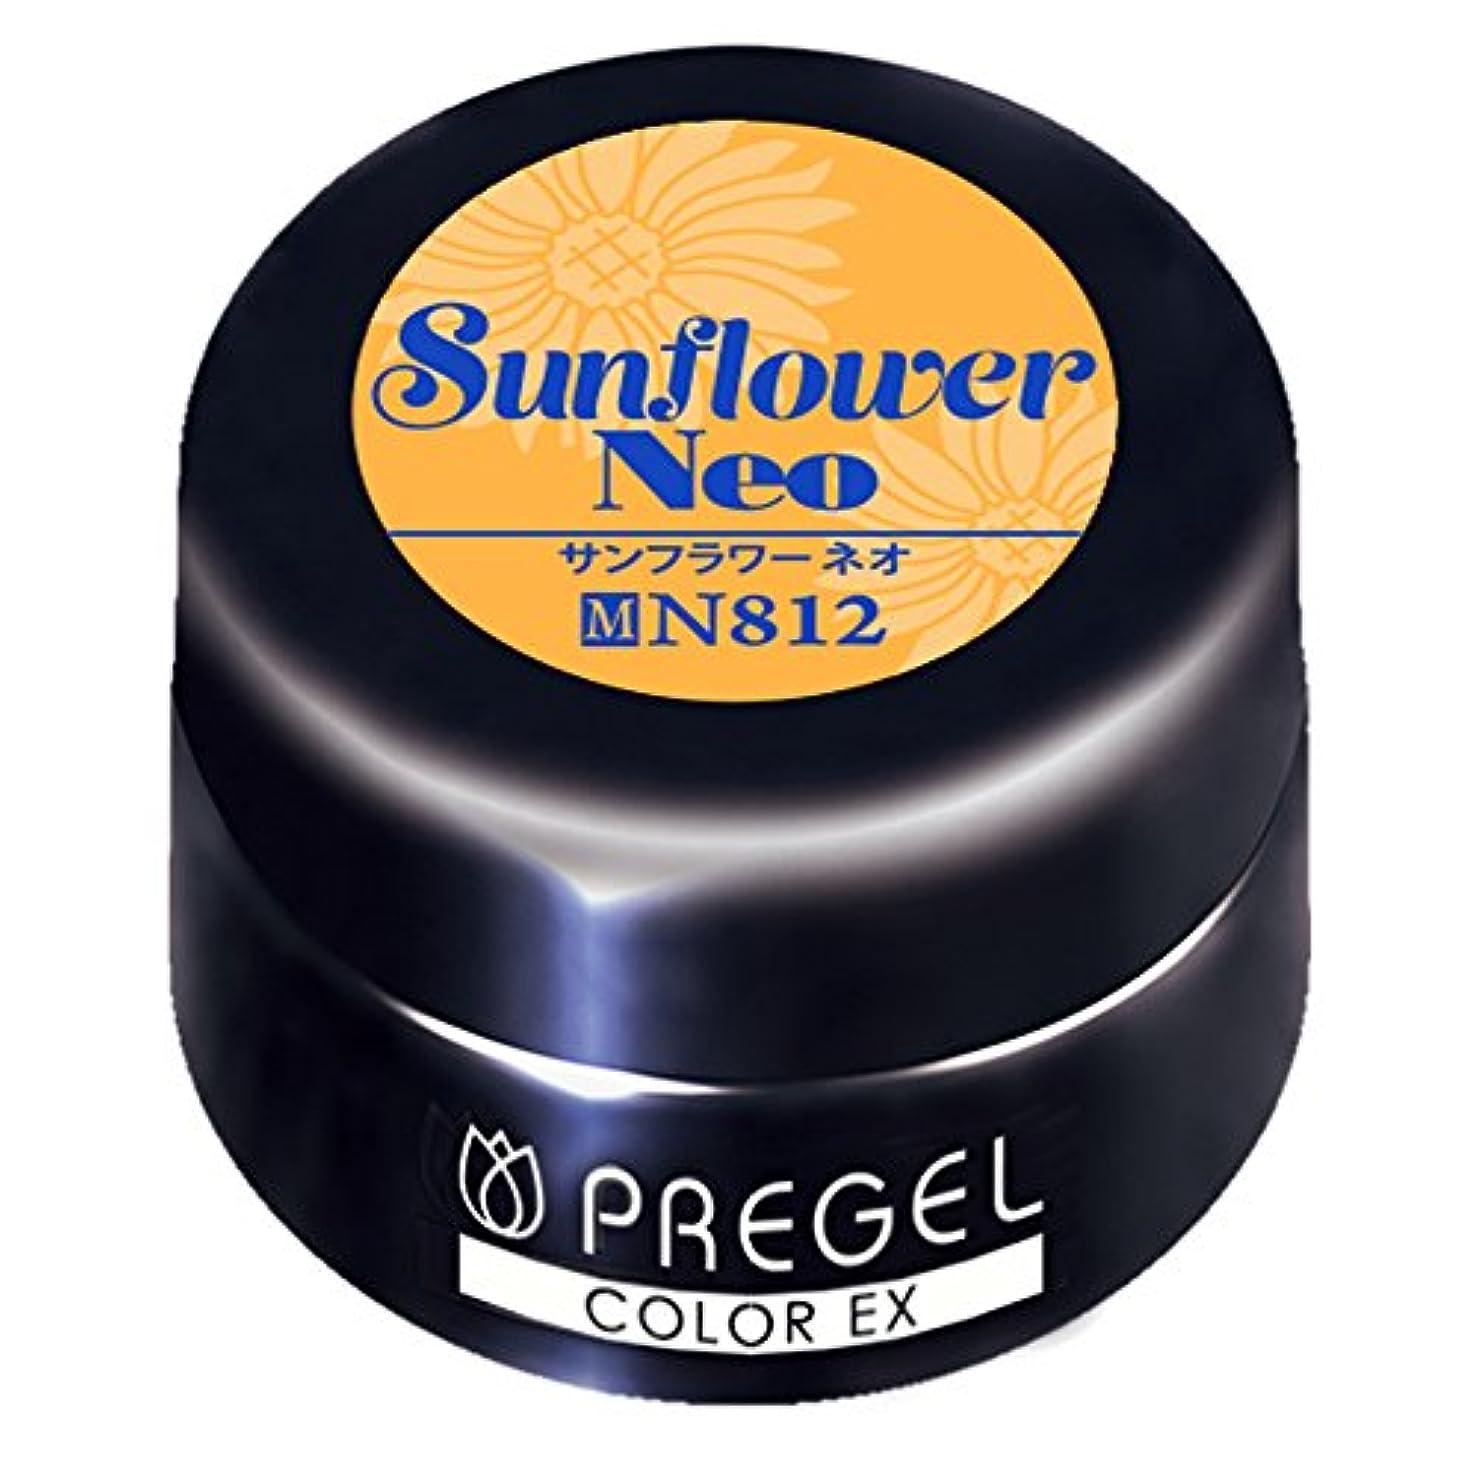 より平らな衝撃イチゴPRE GEL カラーEX サンフラワーneo812 3g UV/LED対応